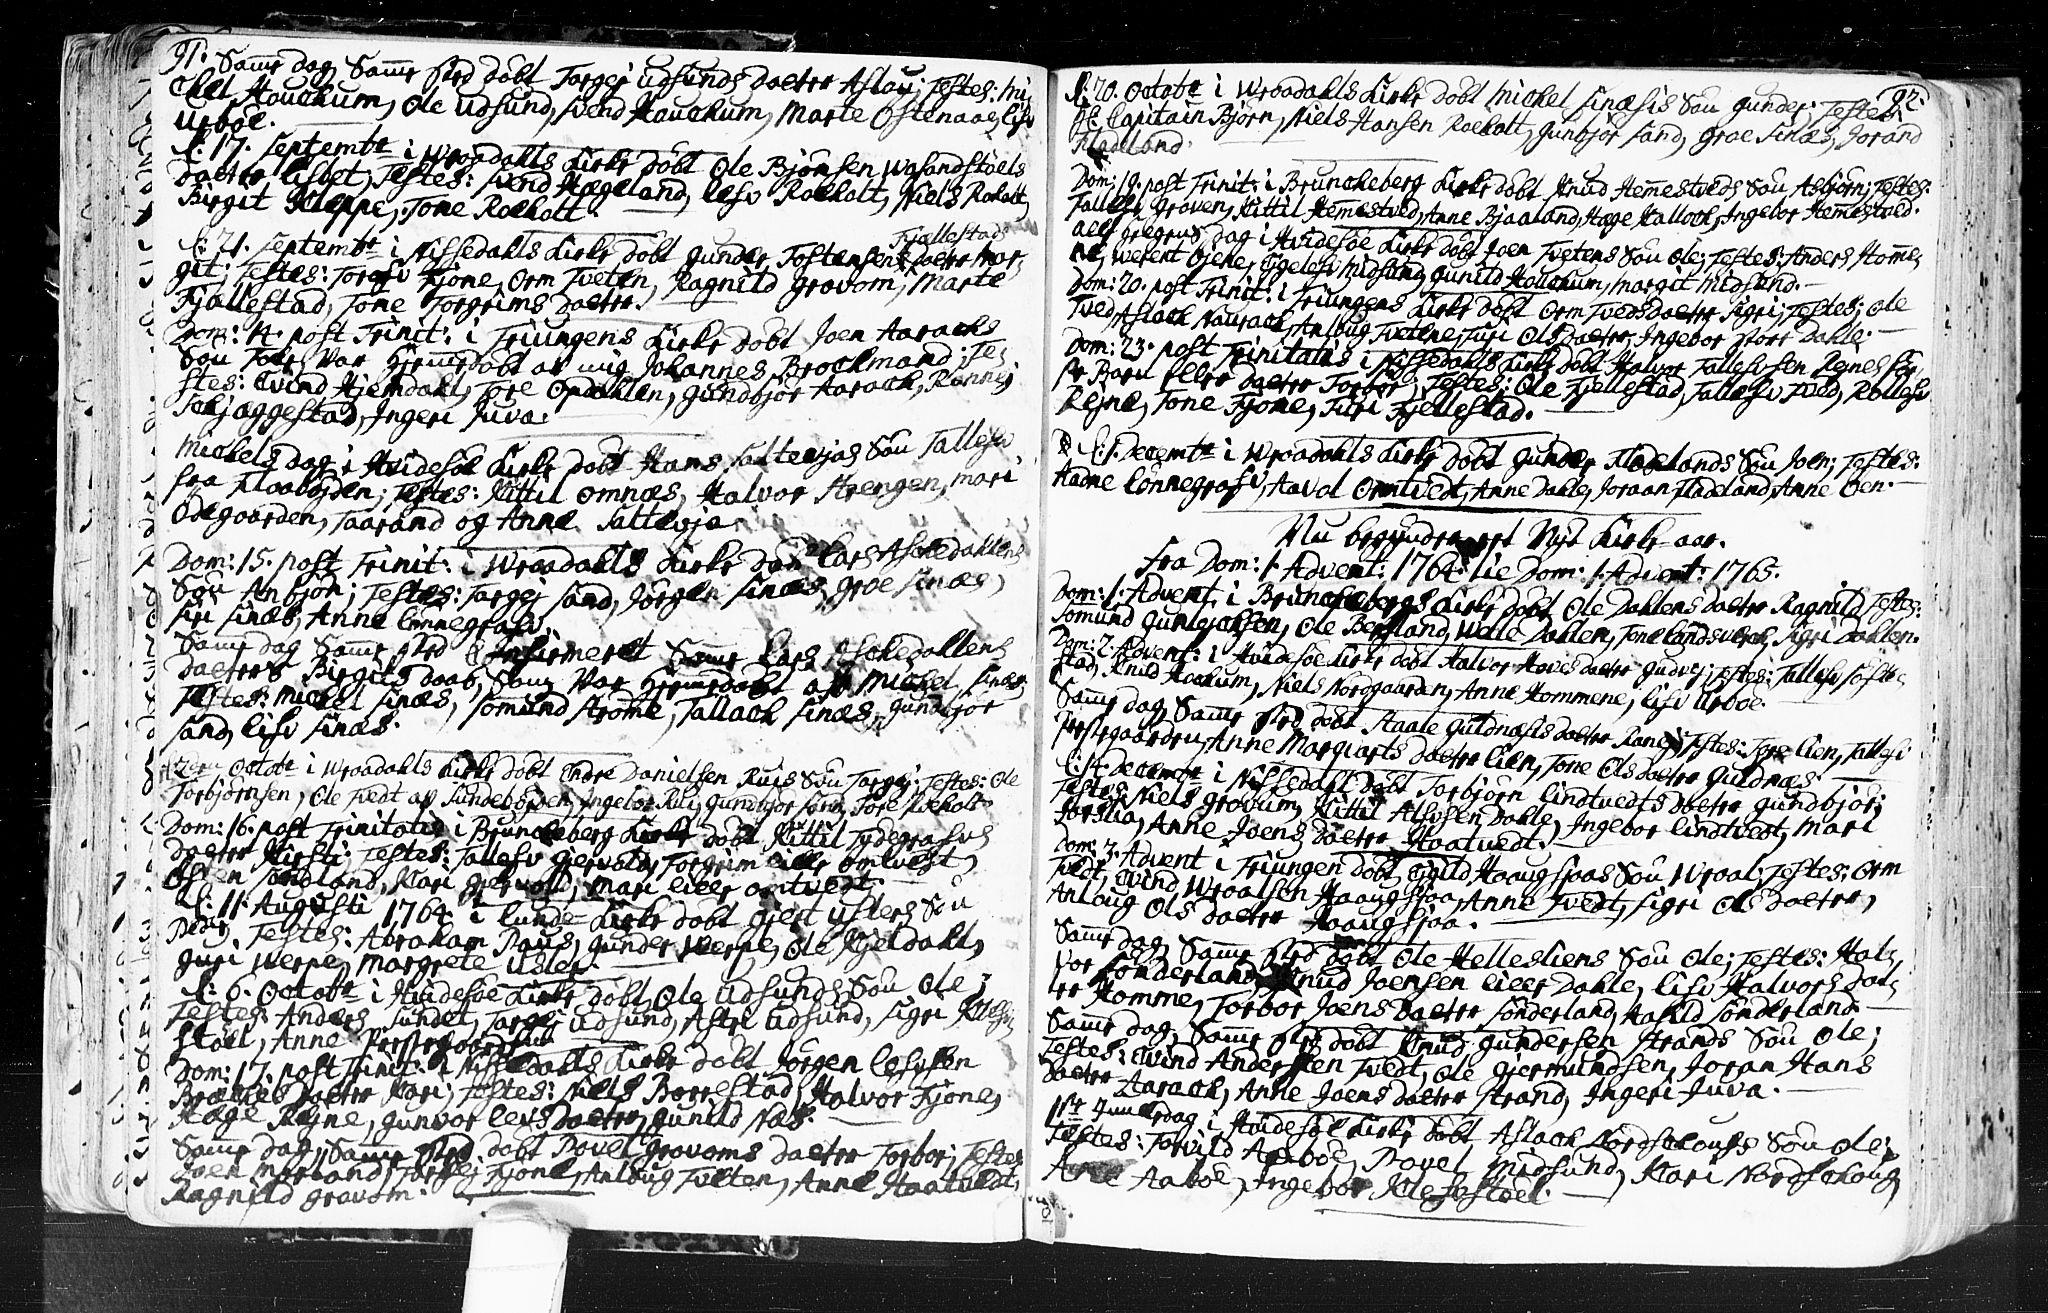 SAKO, Kviteseid kirkebøker, F/Fa/L0001: Ministerialbok nr. I 1, 1754-1773, s. 91-92